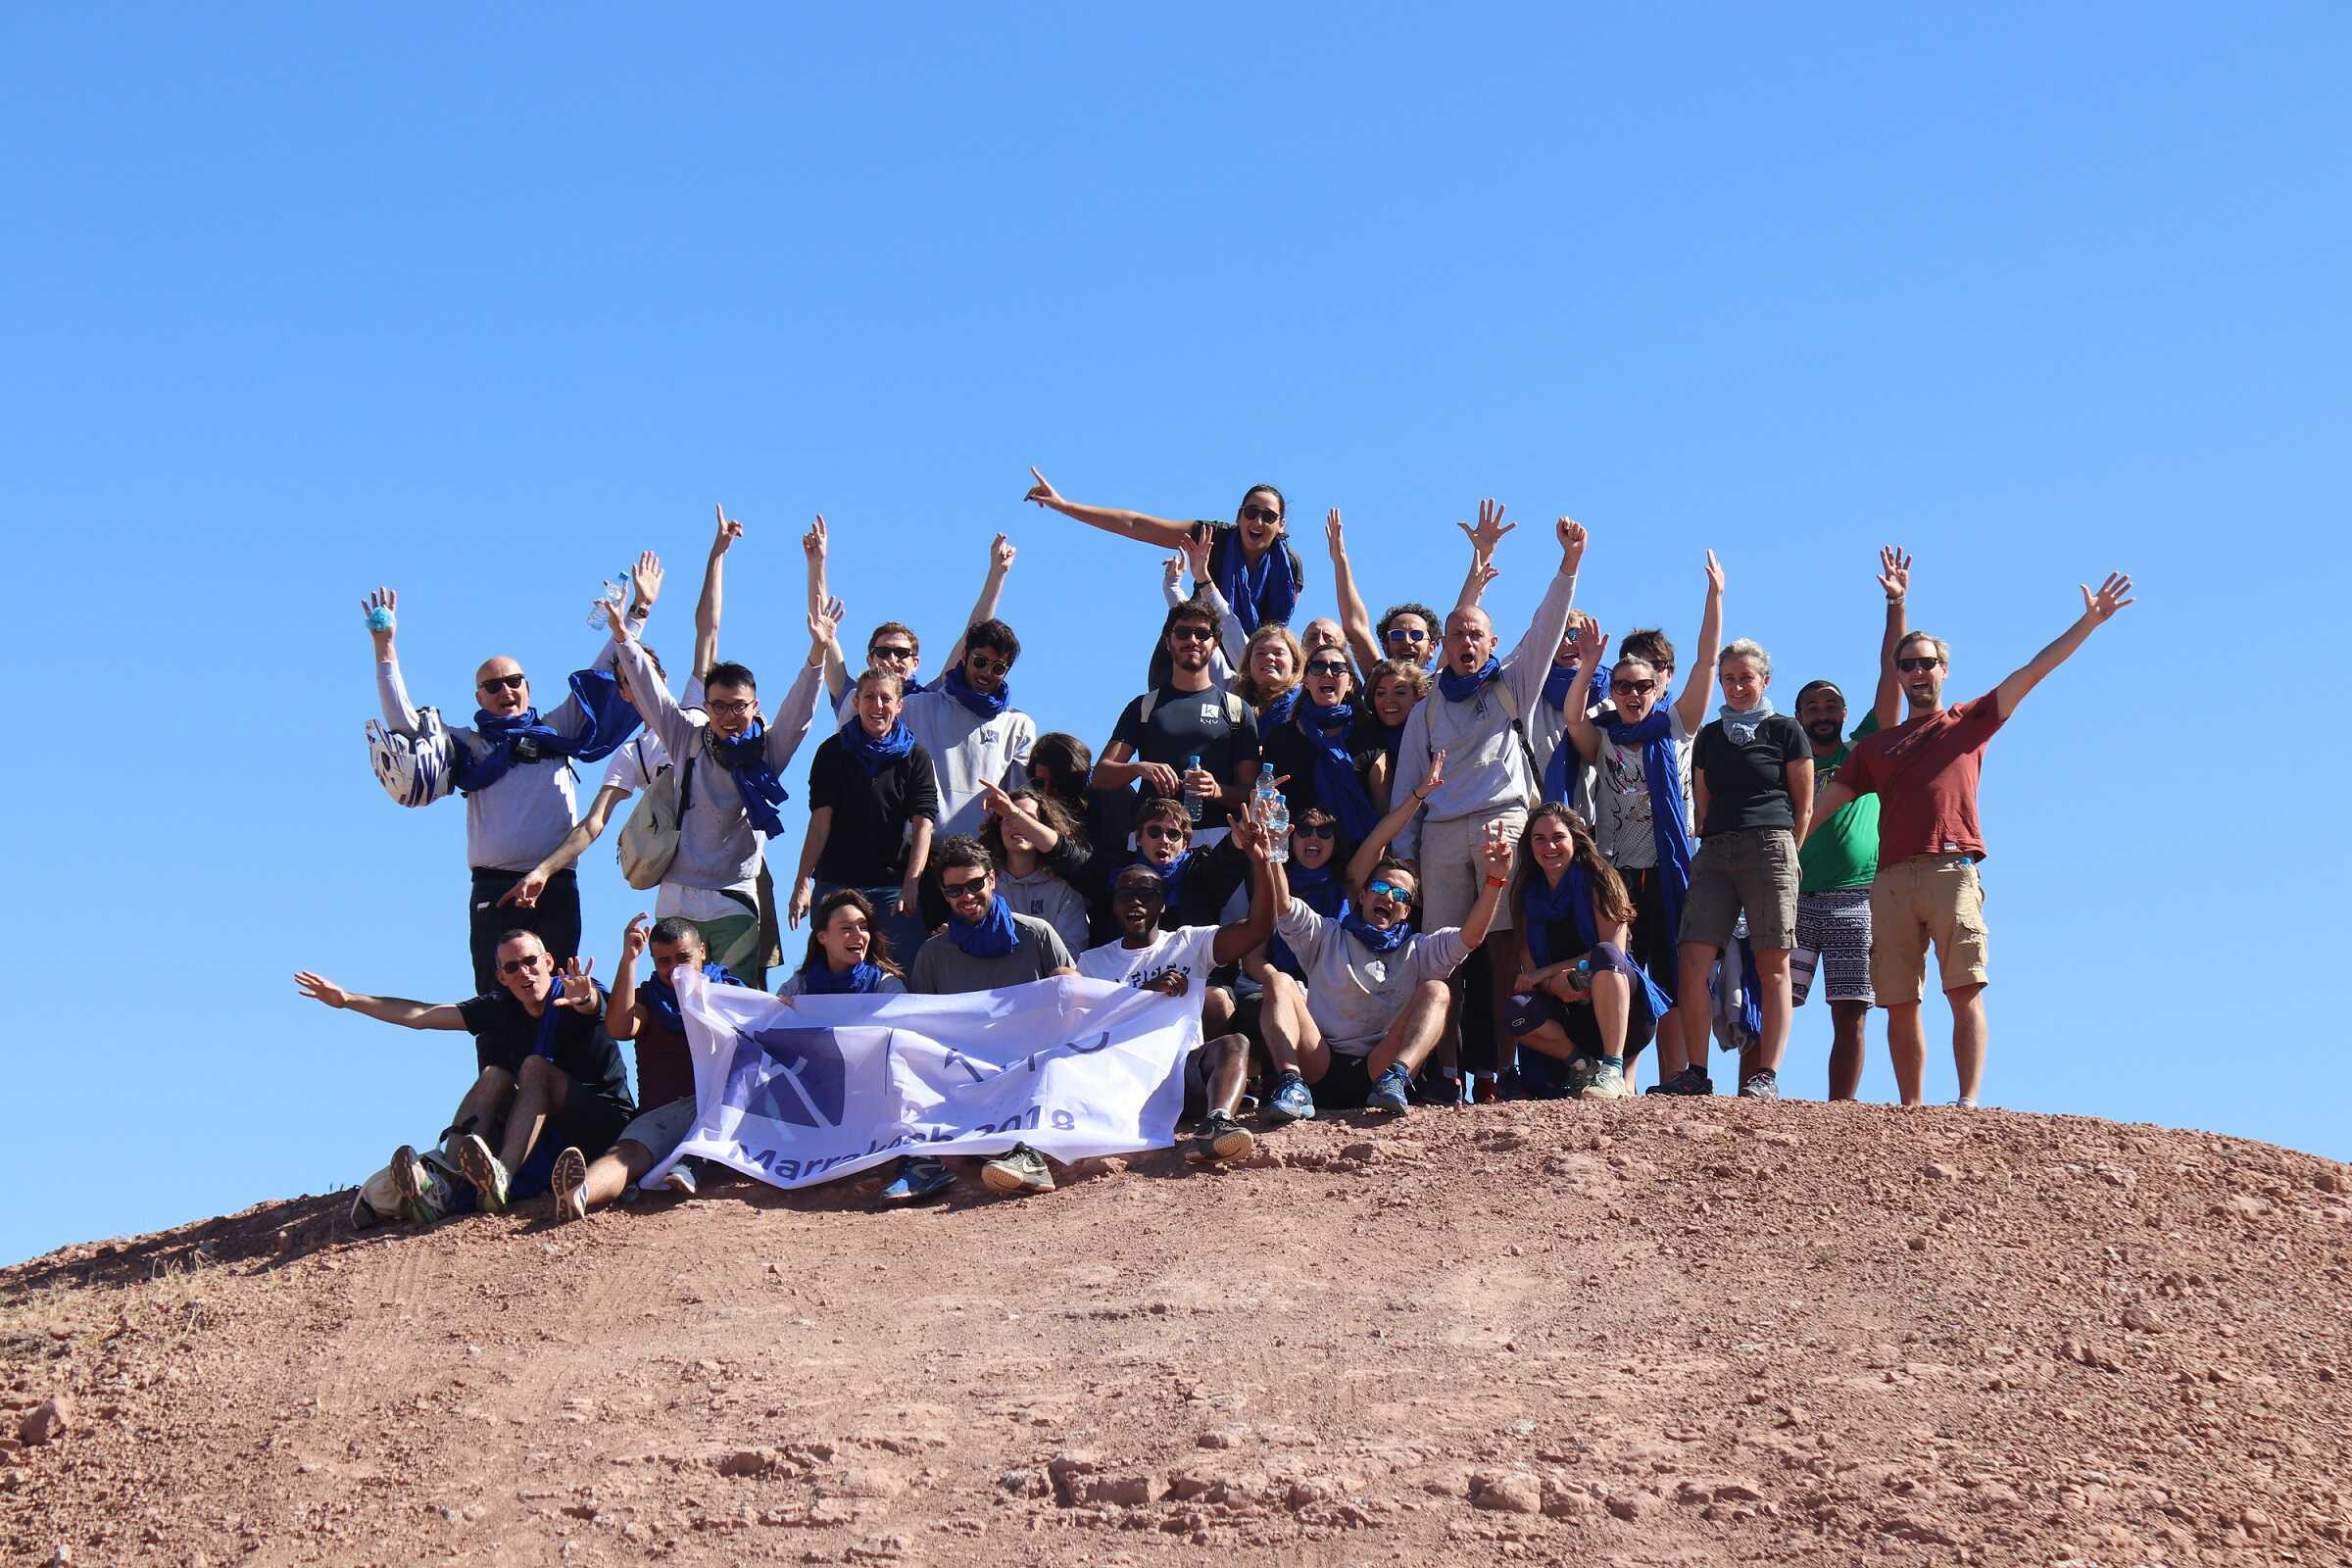 Une escale à Marrakech pour toute notre équipe !